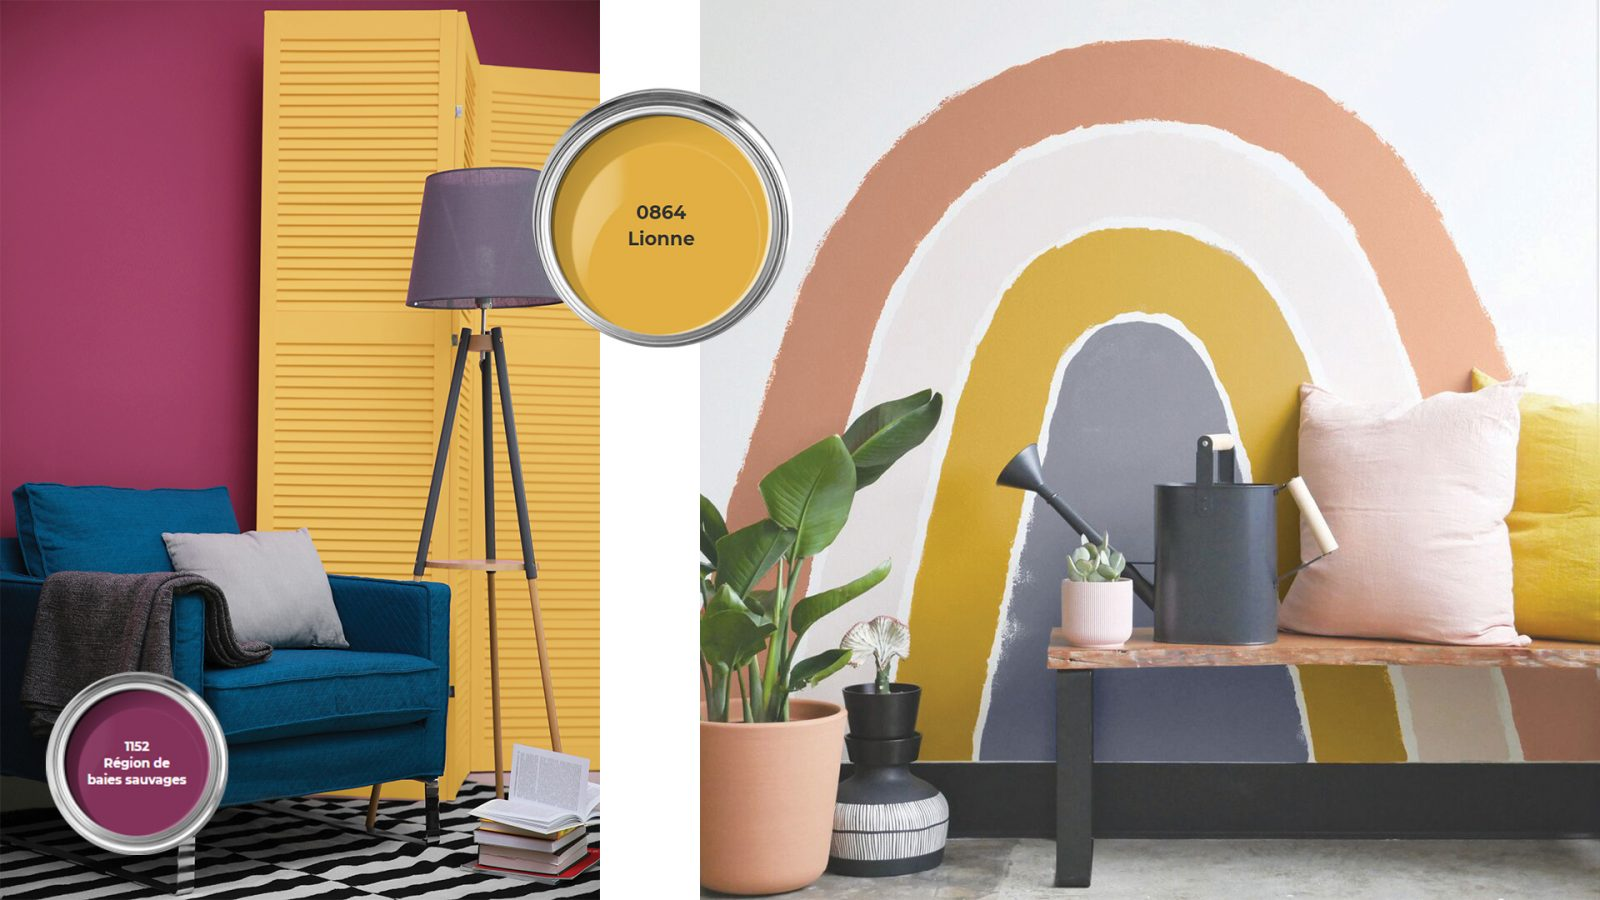 Couleur Apaisante Pour Bureau nos couleurs tendances 2020 - peintures mf